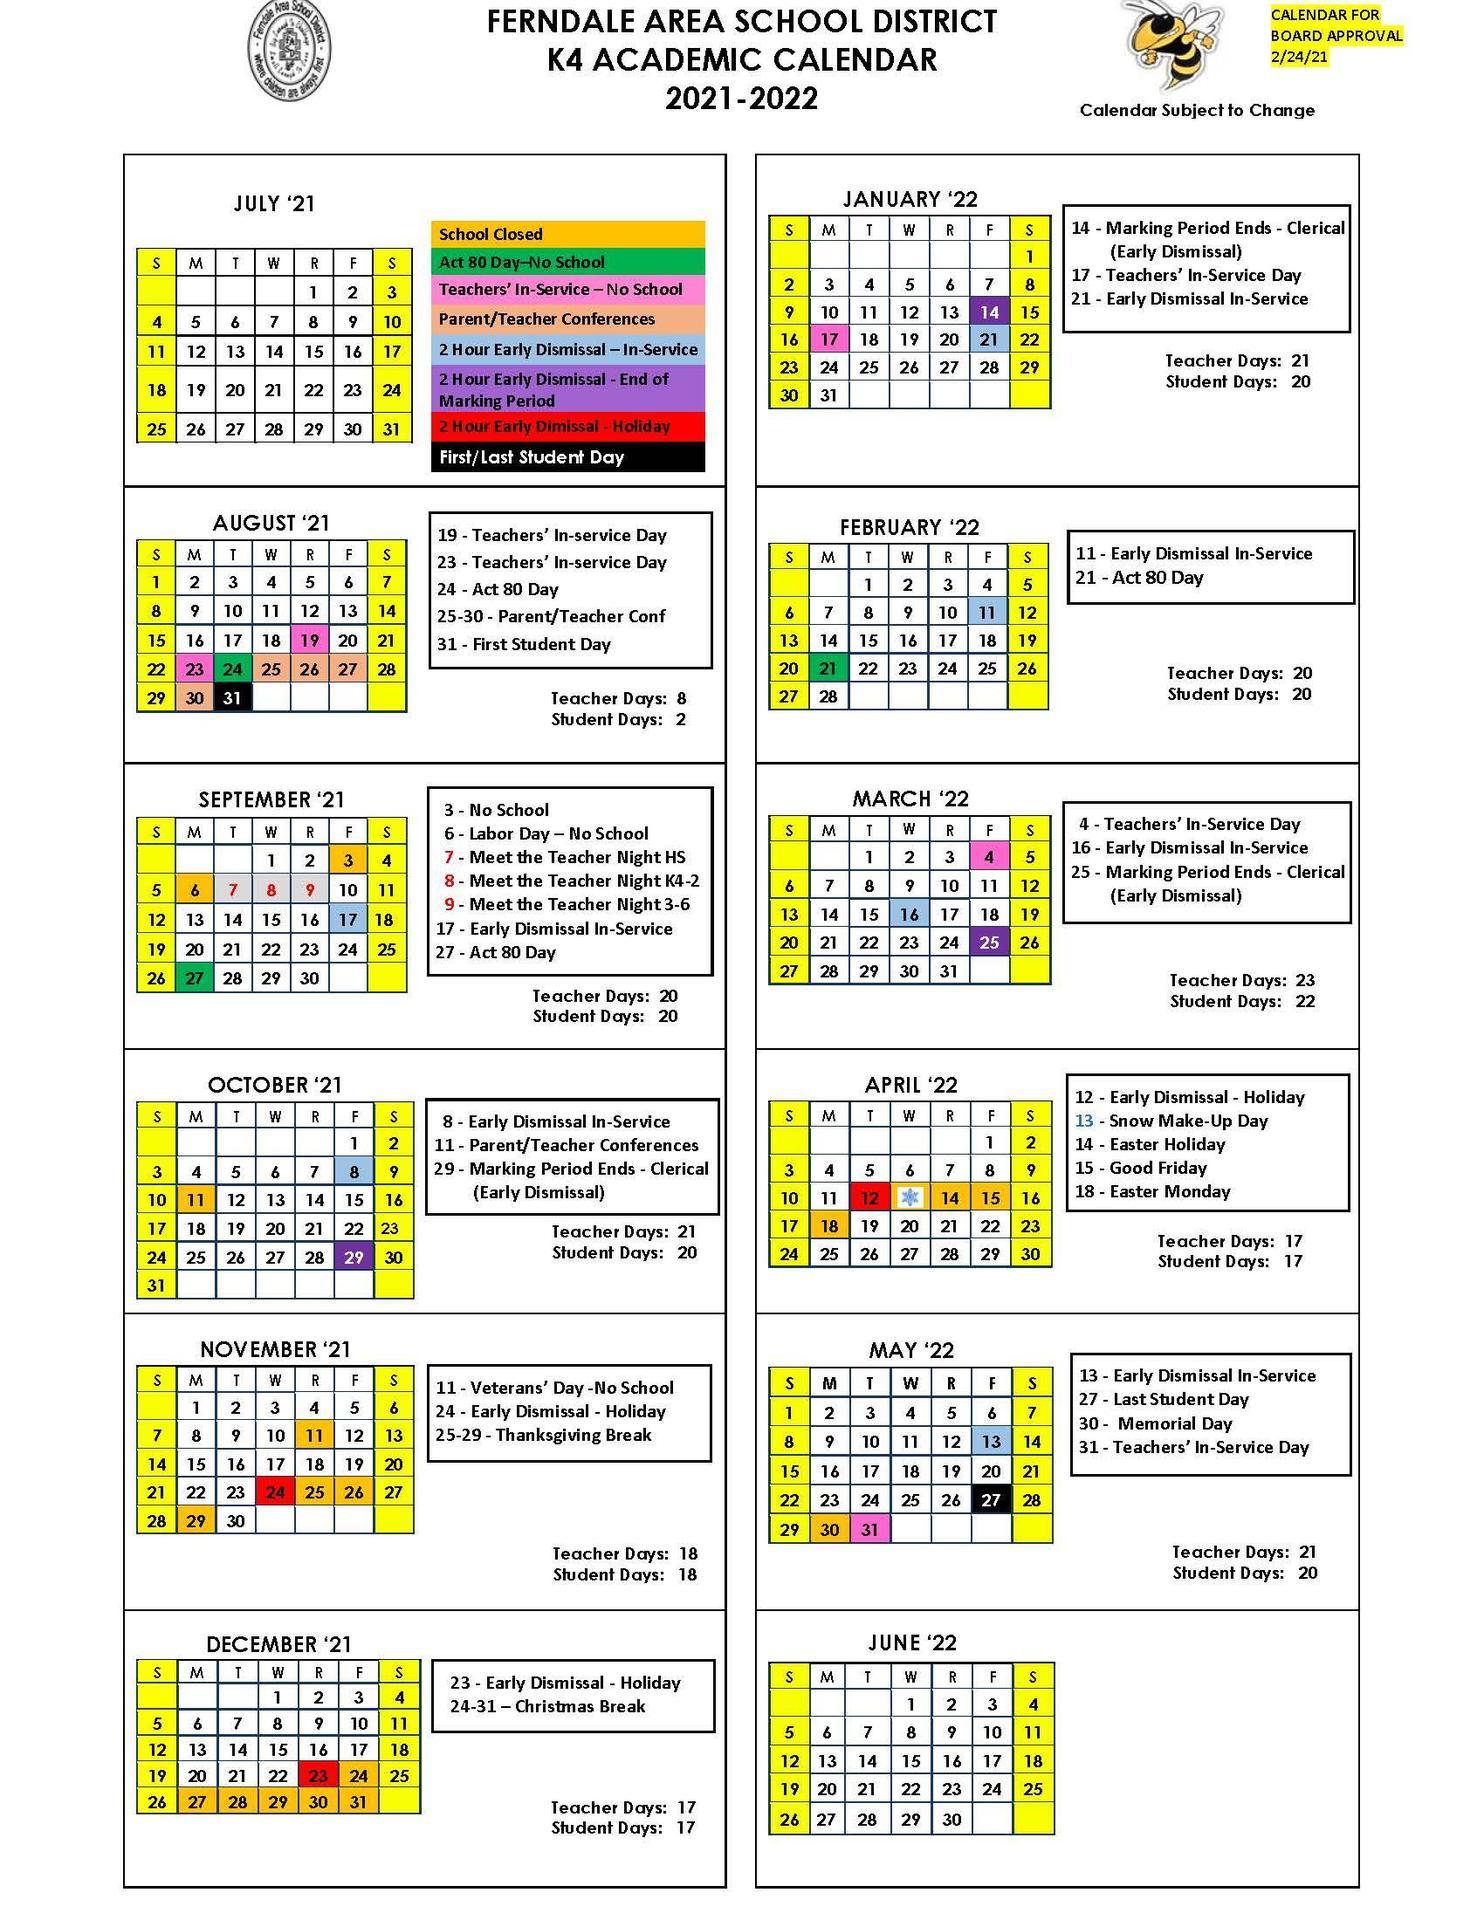 2021-2022 K4 Academic Calendar